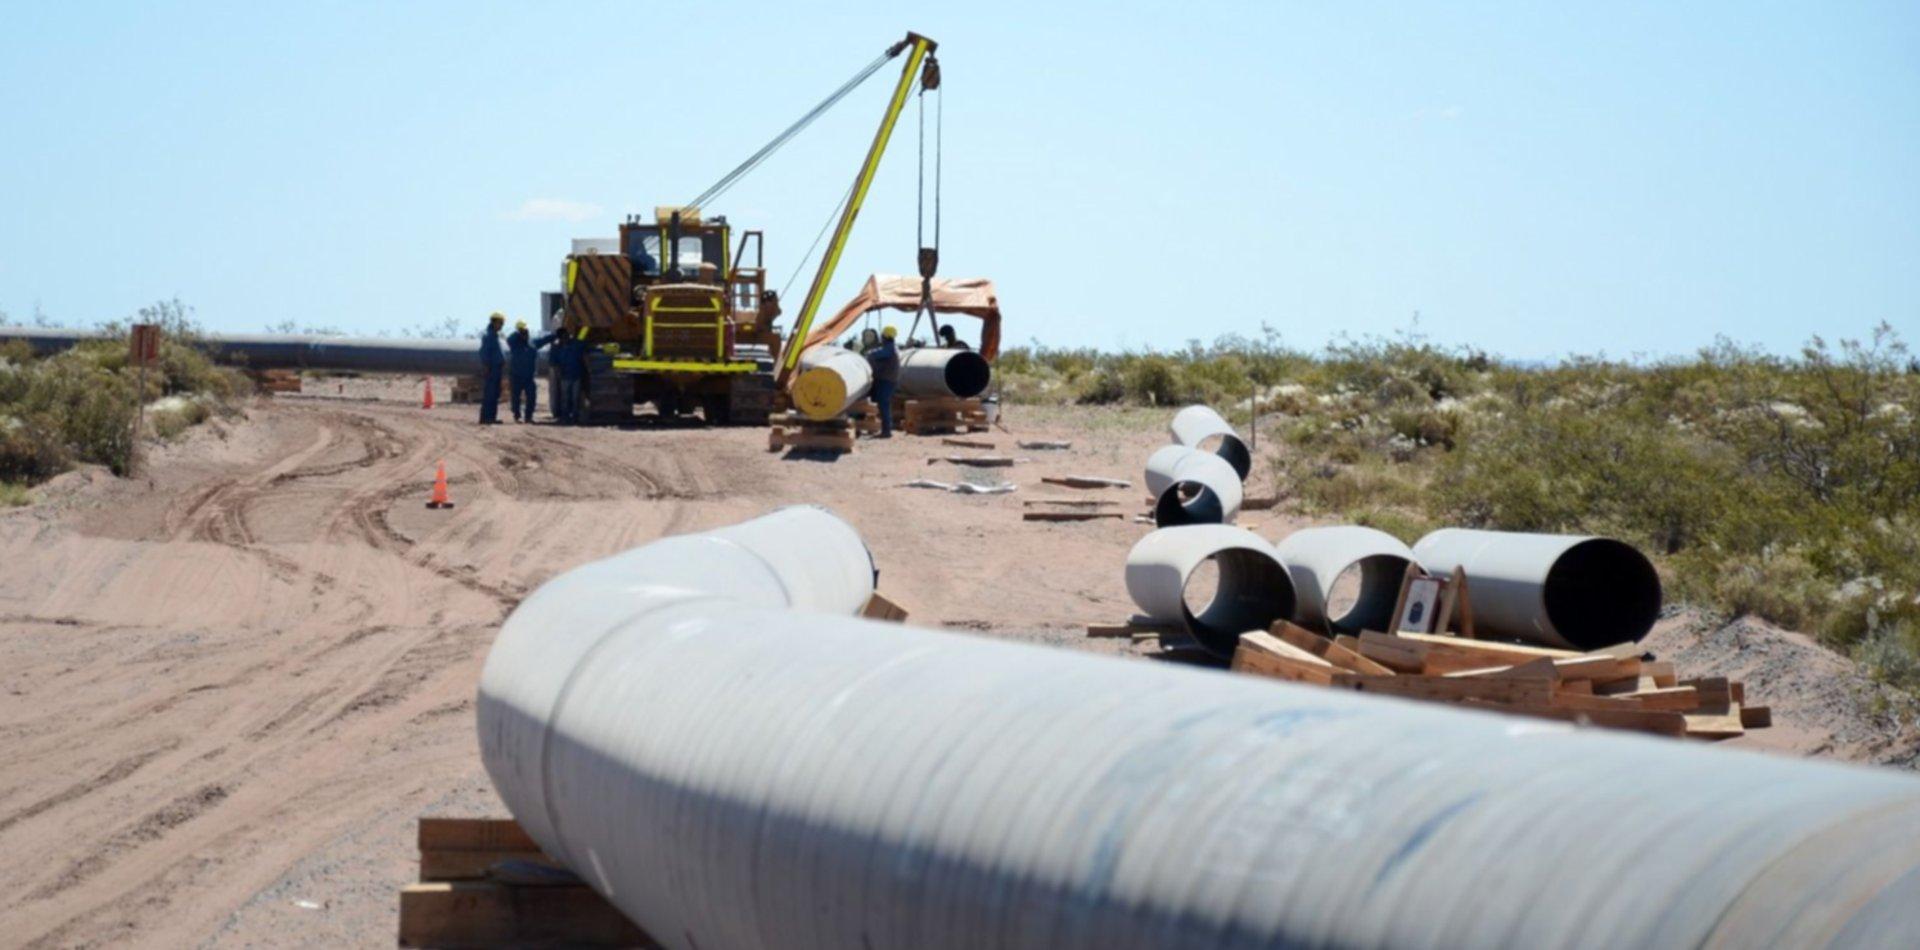 El Gobierno construirá el gasoducto Néstor Kirchner para abastecer al norte argentino